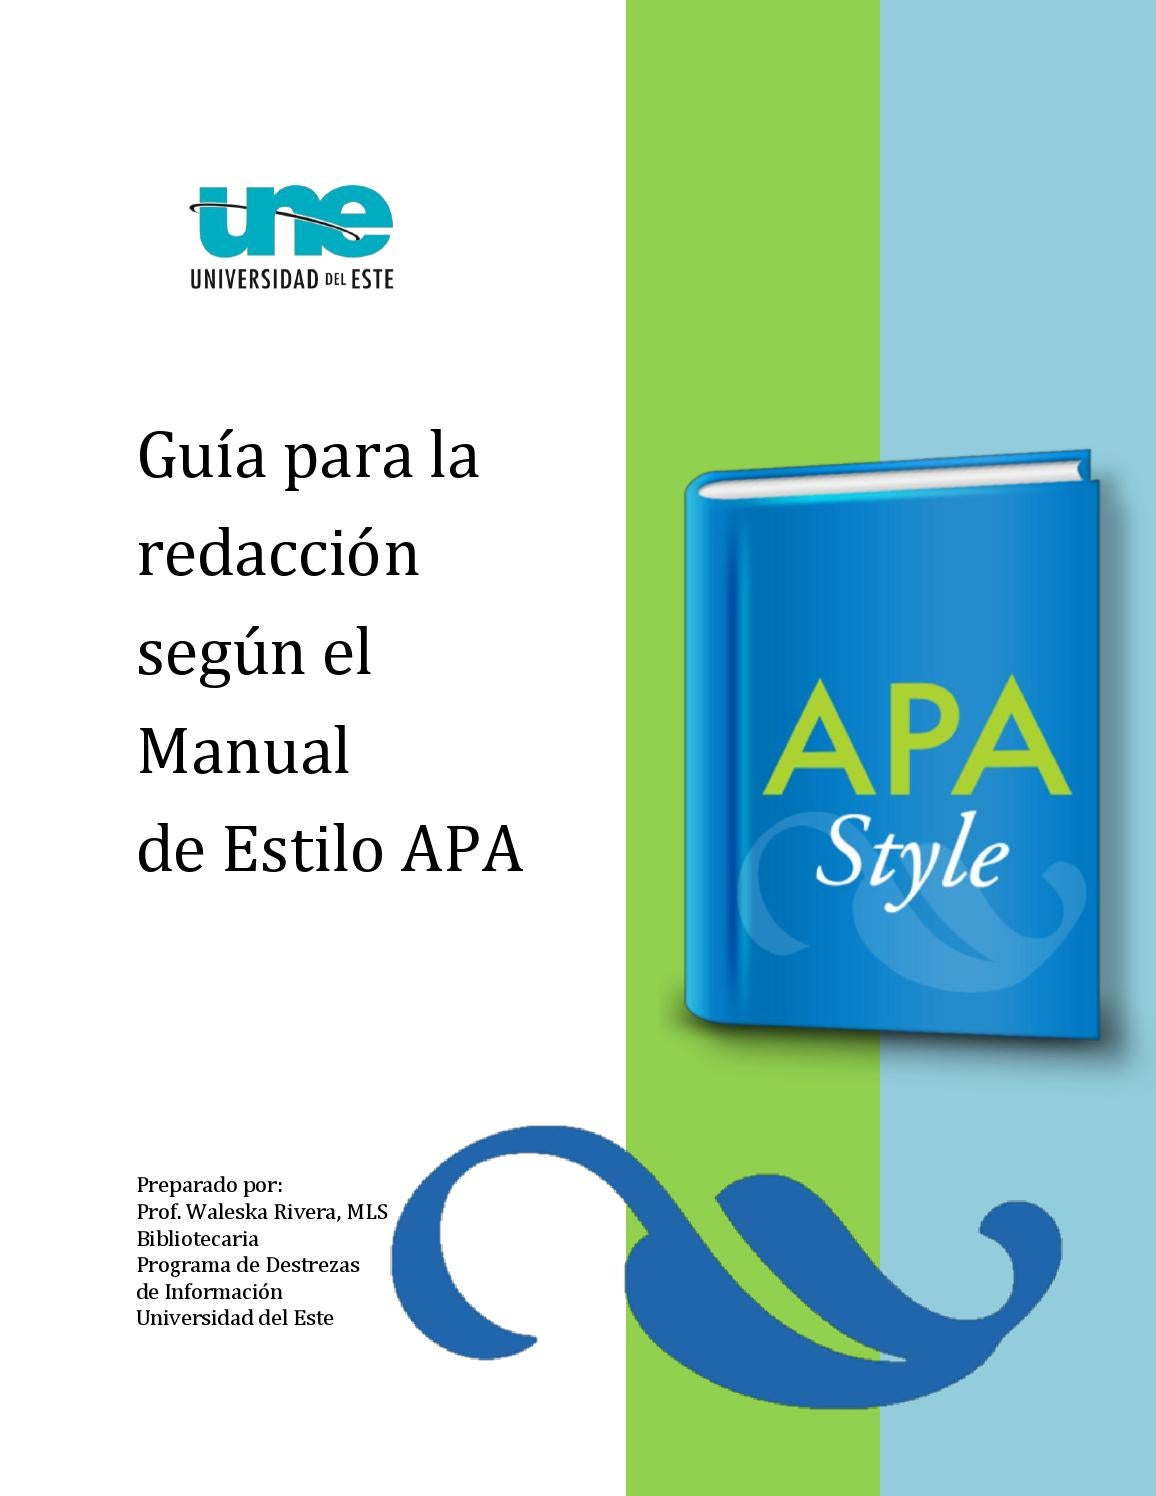 Guía para la redacción segun estilo apa 2014 une by Biblioteca de ...